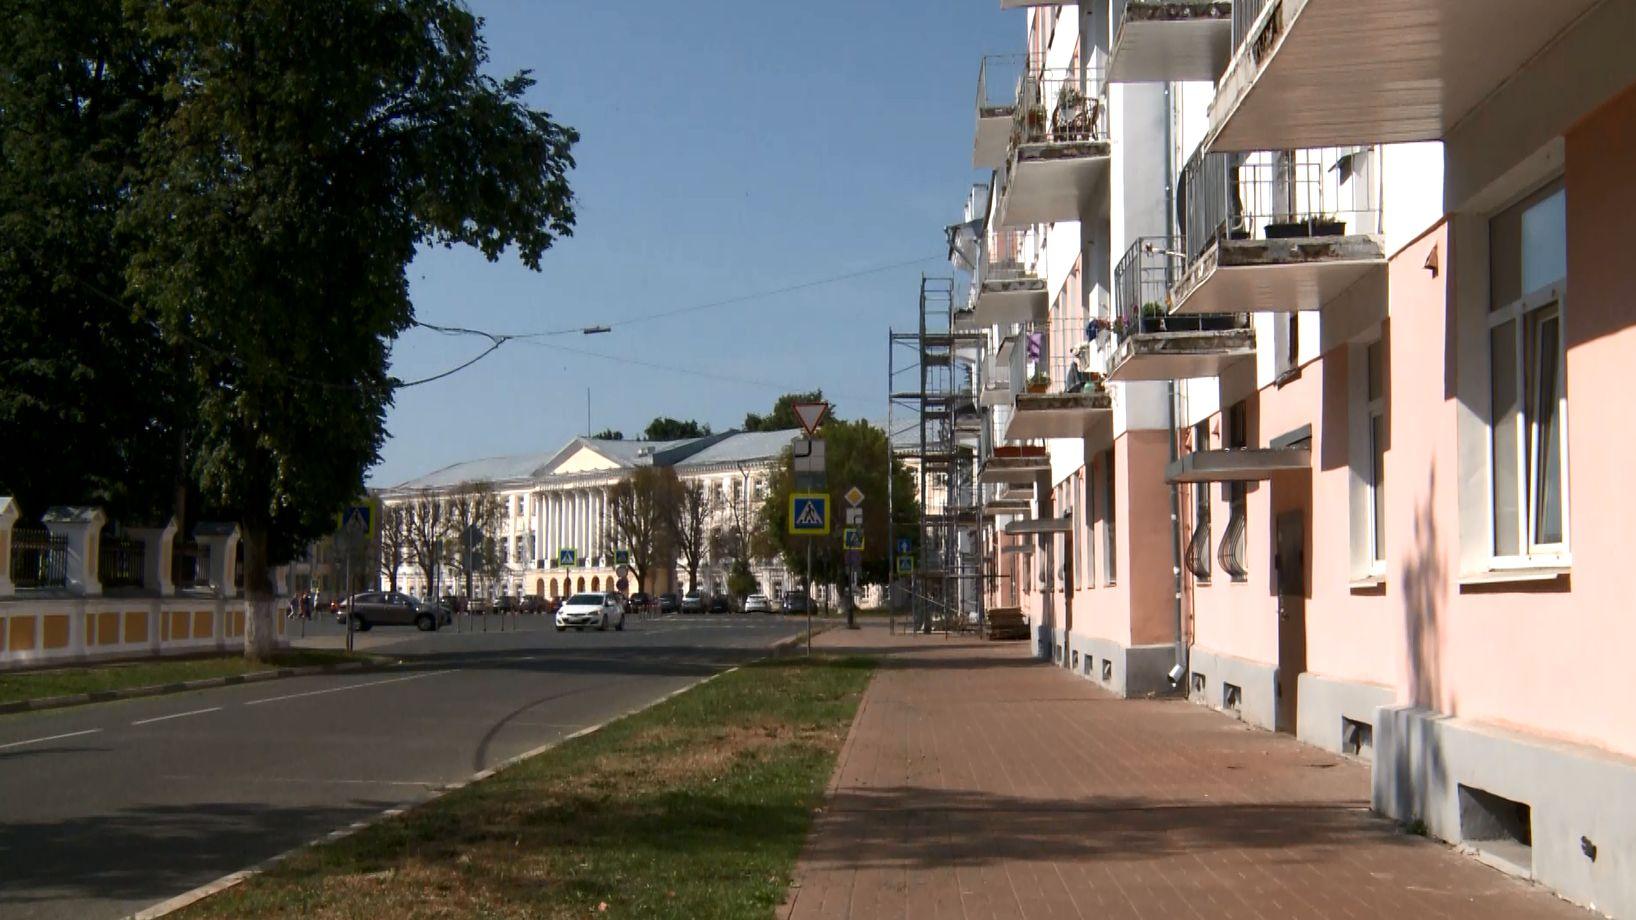 28 июля в Ярославле будет ограничено движение транспорта на участках улиц Волкова, Советской, Народного переулка и Волжской набережной